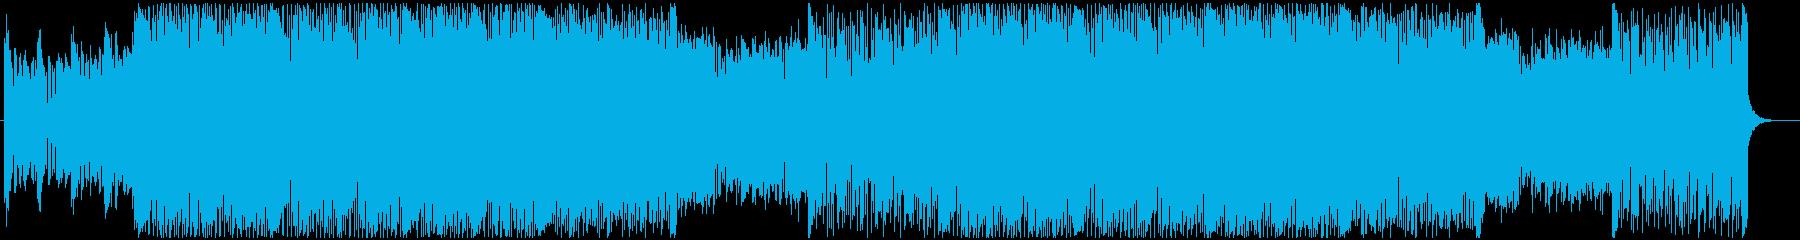 アクションゲーム等BGM(戦闘曲2)の再生済みの波形